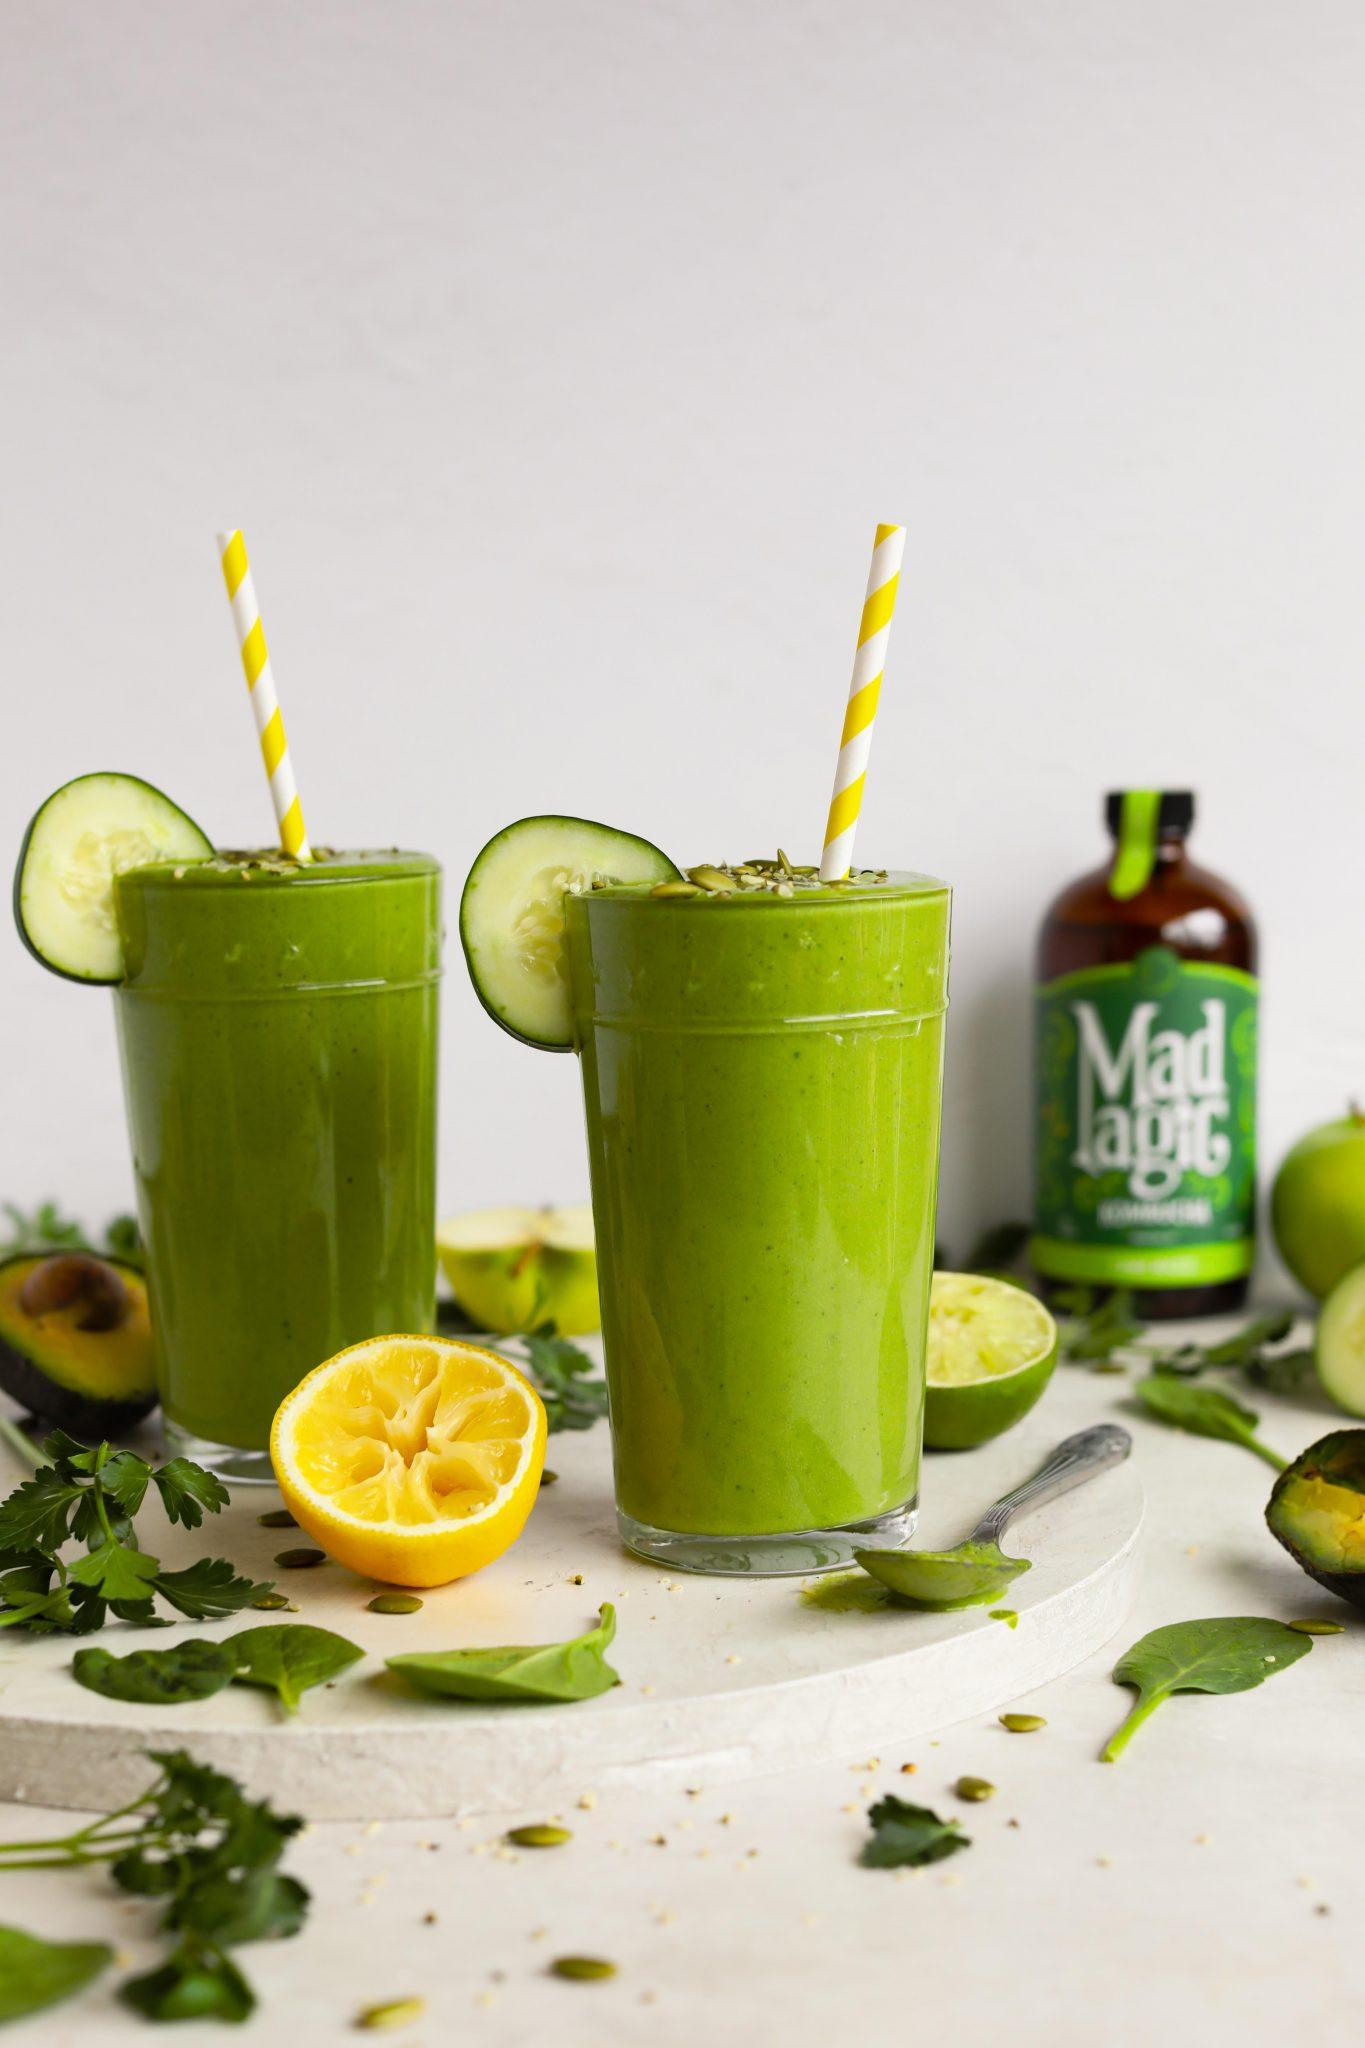 Savory Green Kombucha Smoothie by Flora & Vino with Mad Magic Kombucha